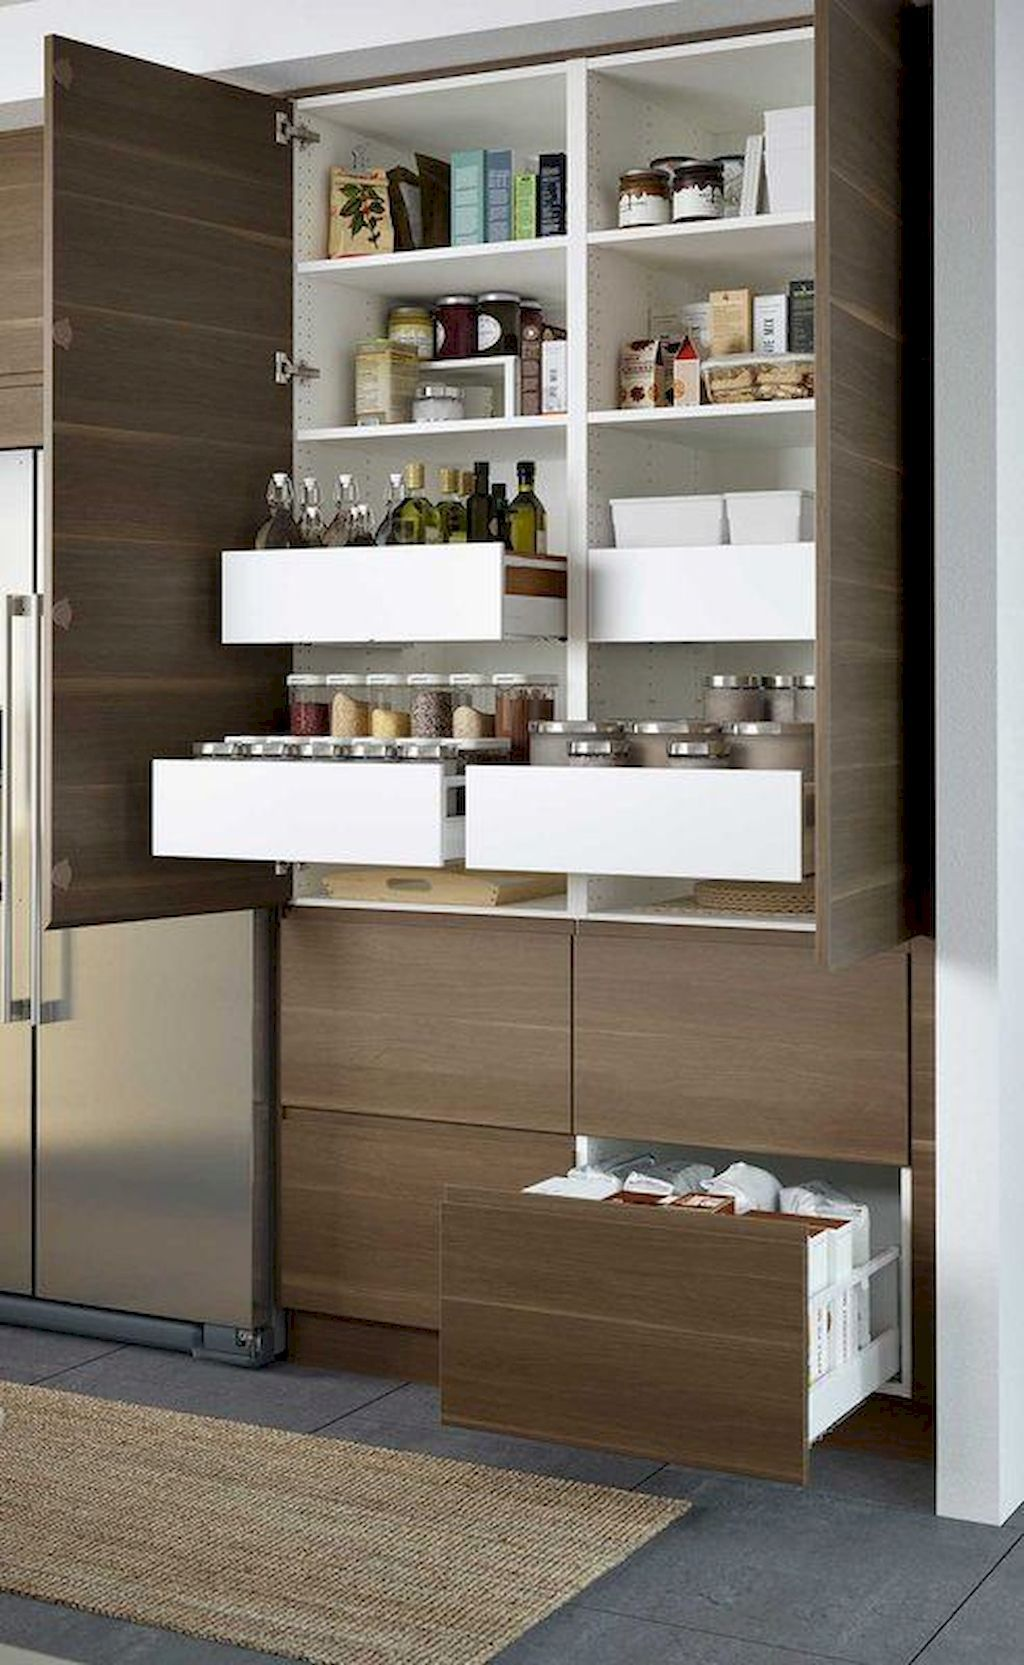 70 DIY Kitchen Storage and Organization Ideas Ikea